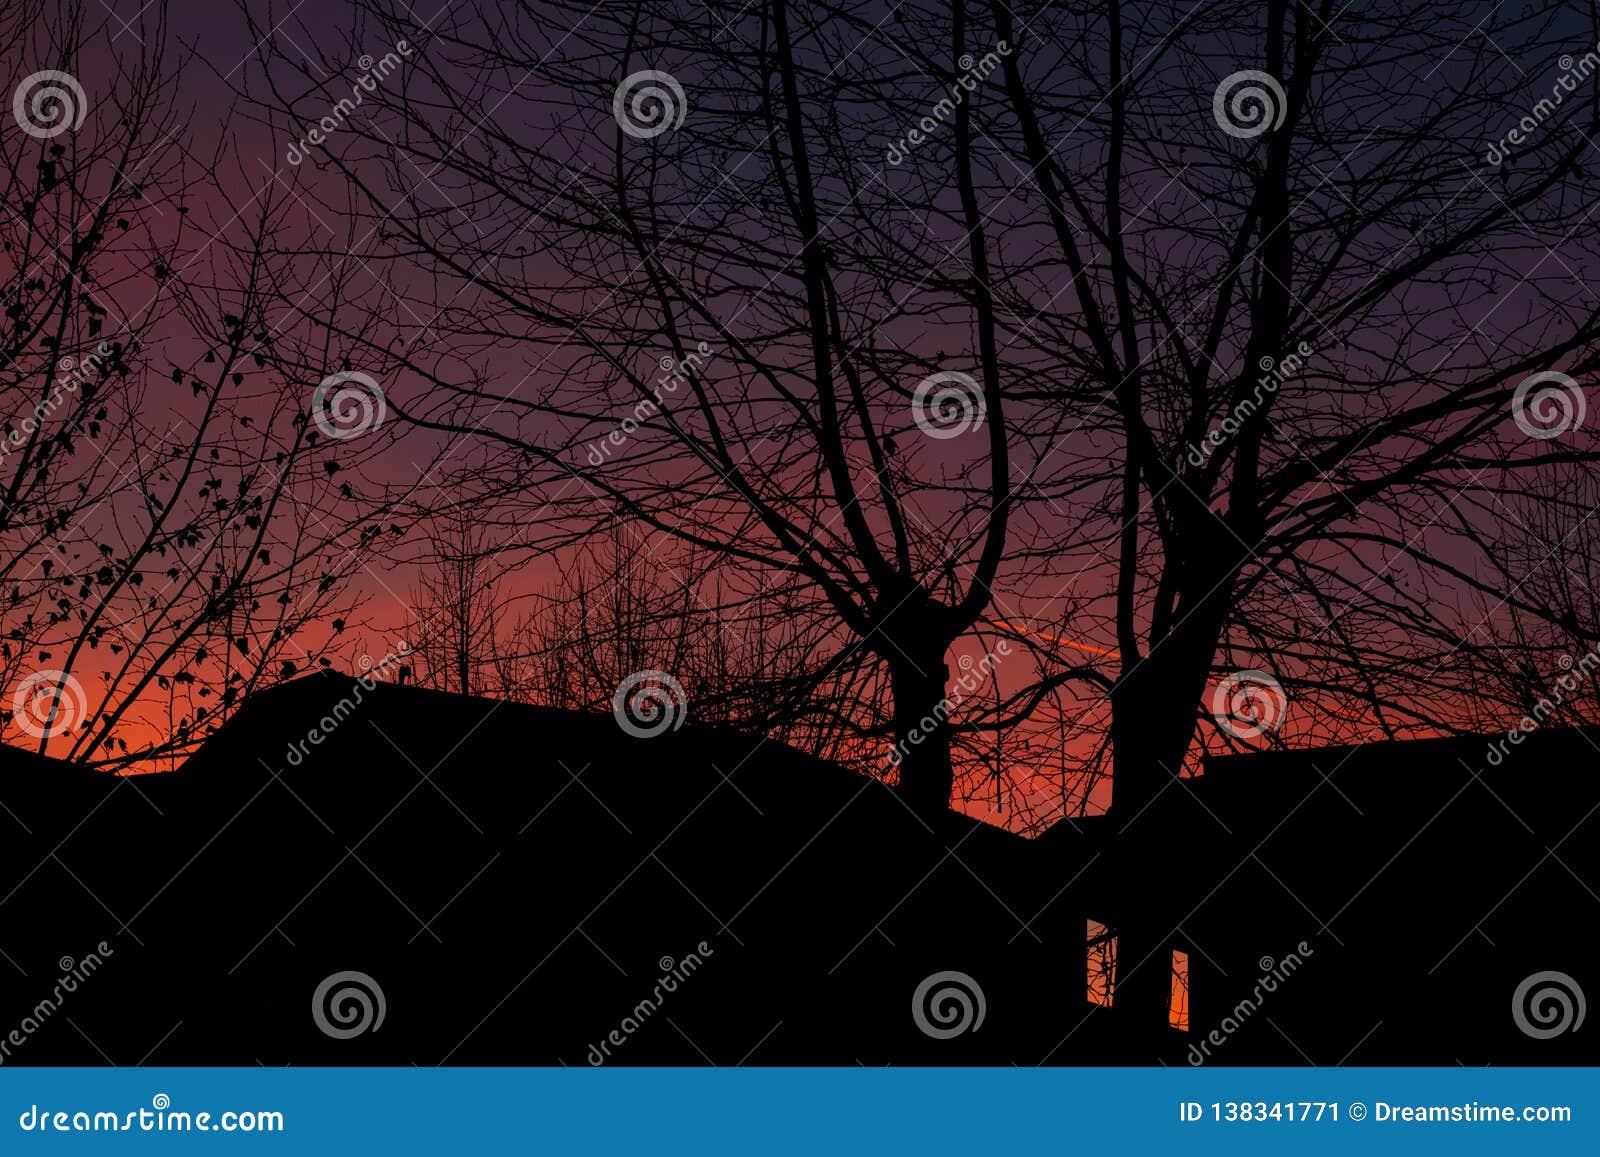 Das Schattenbild der Bäume bei Sonnenuntergang in der Stadt